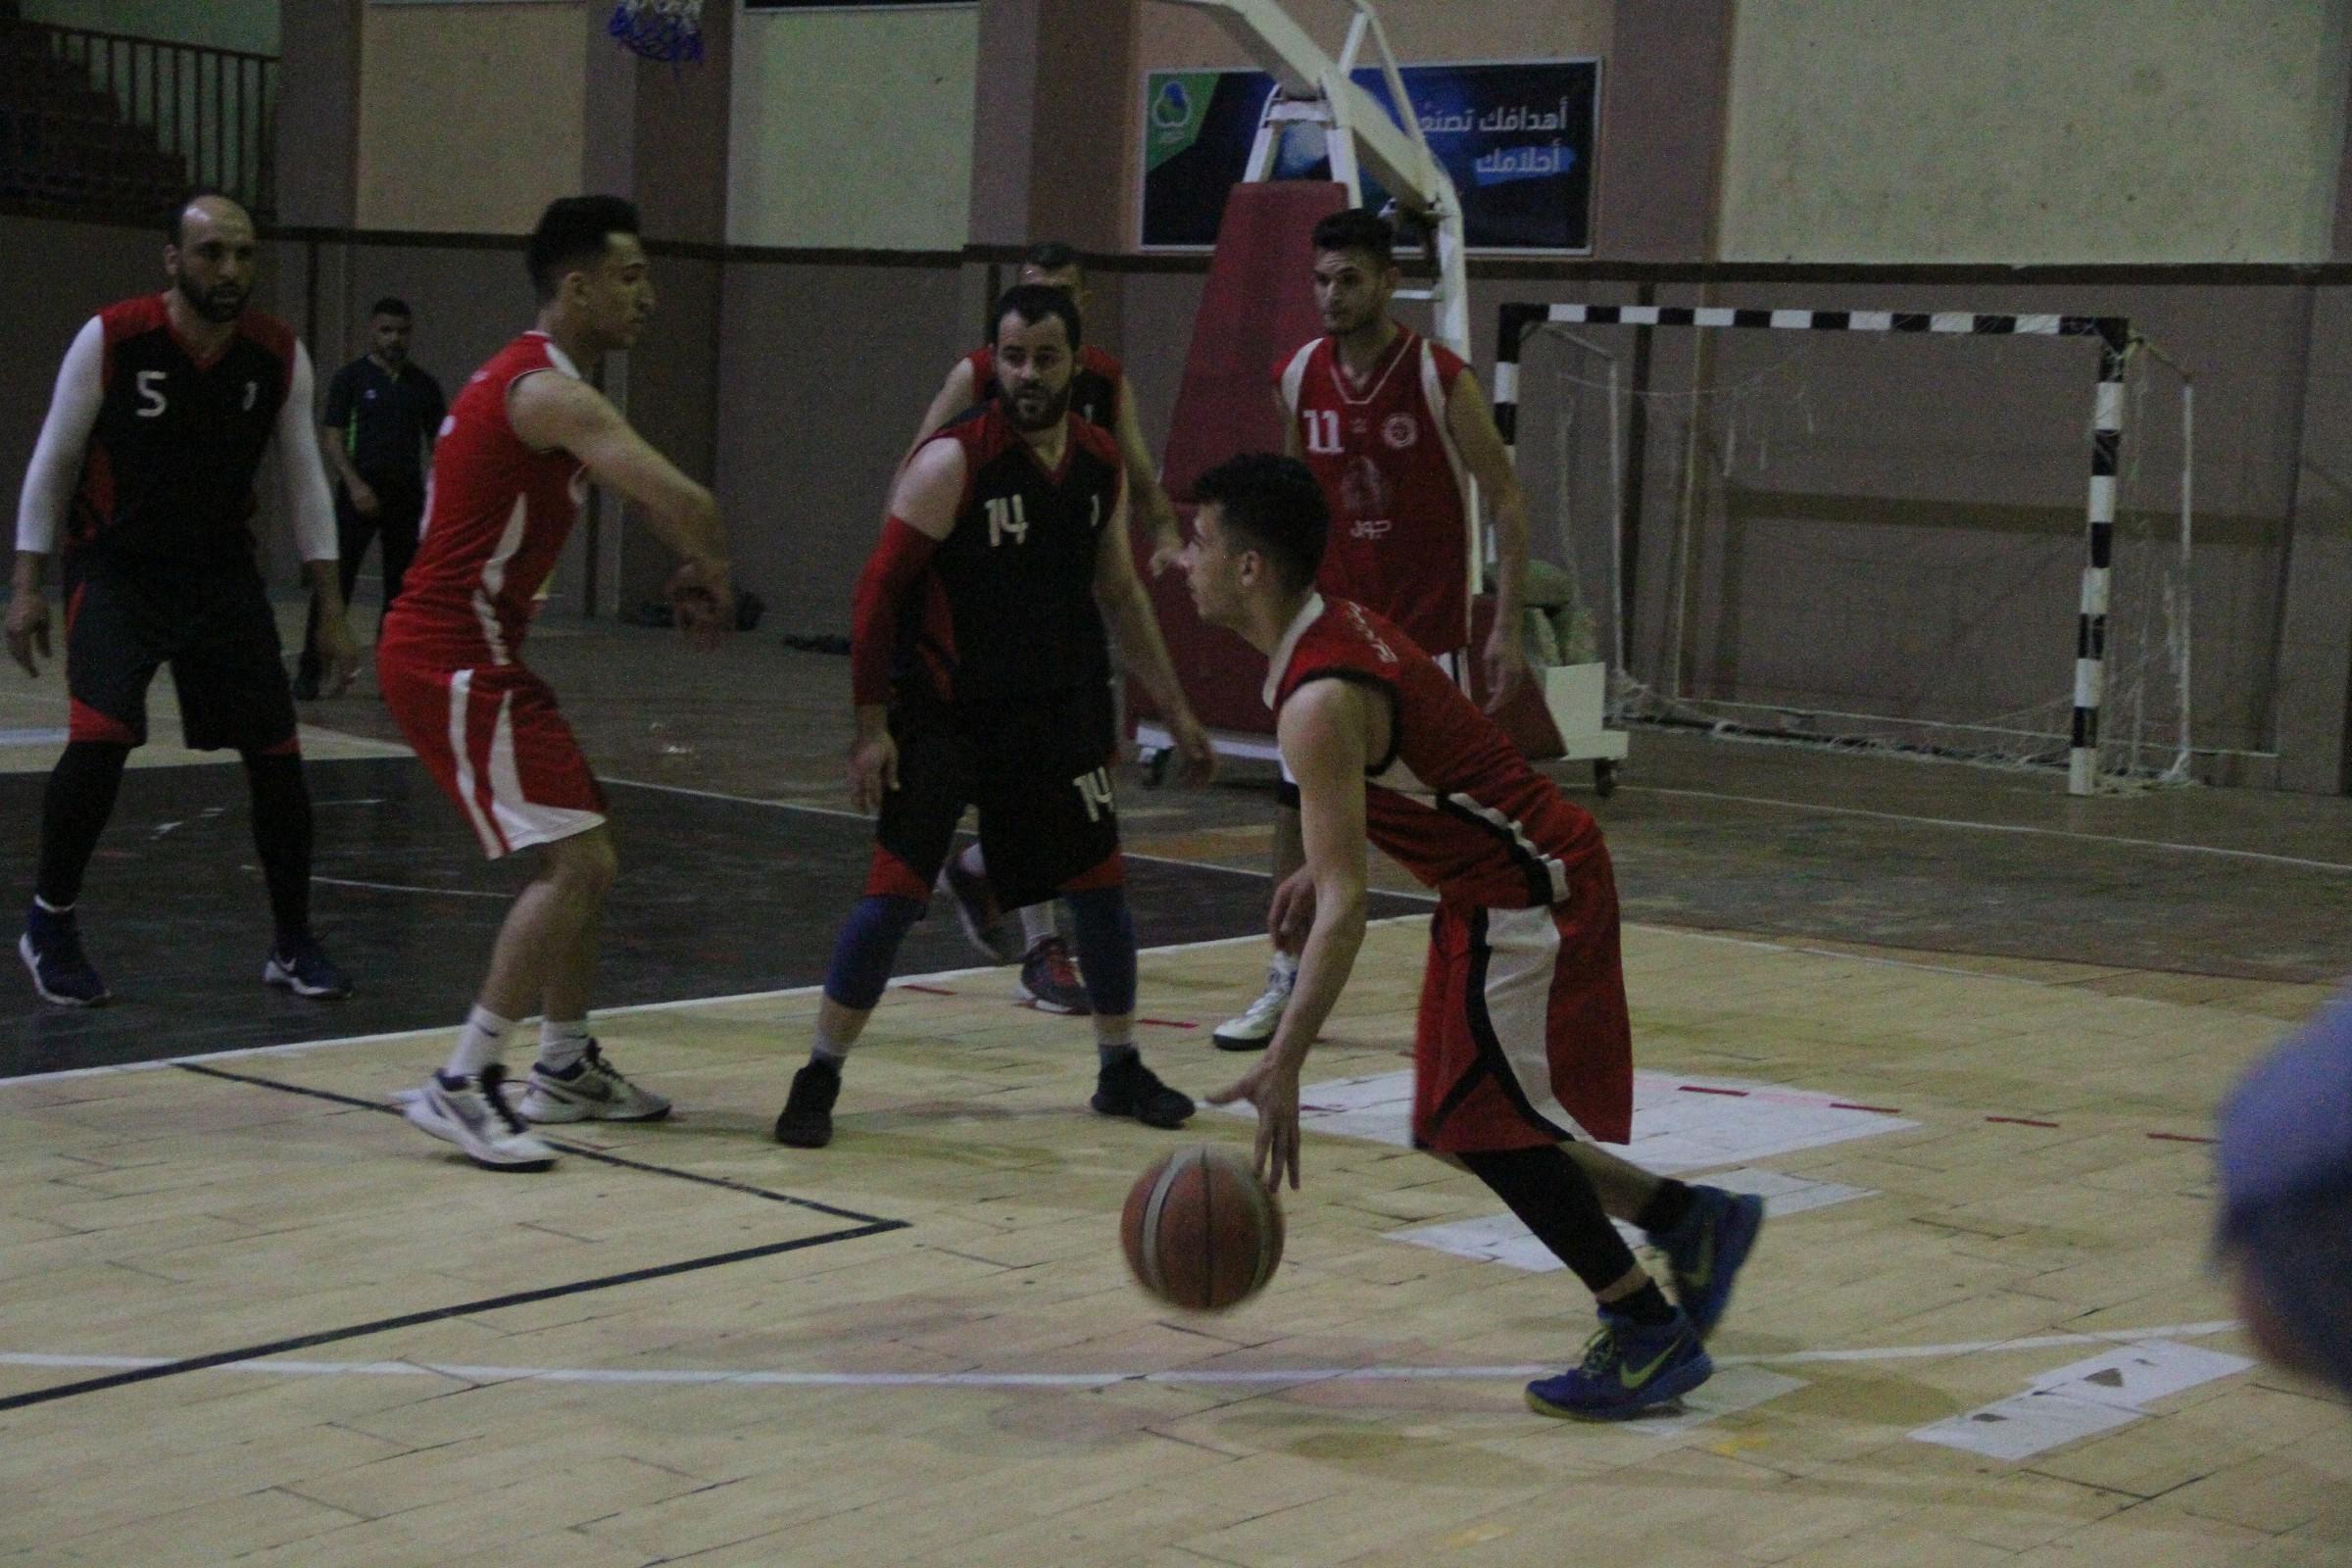 البرغوثي يتوج بلقب بطولة الأسرى السلوية